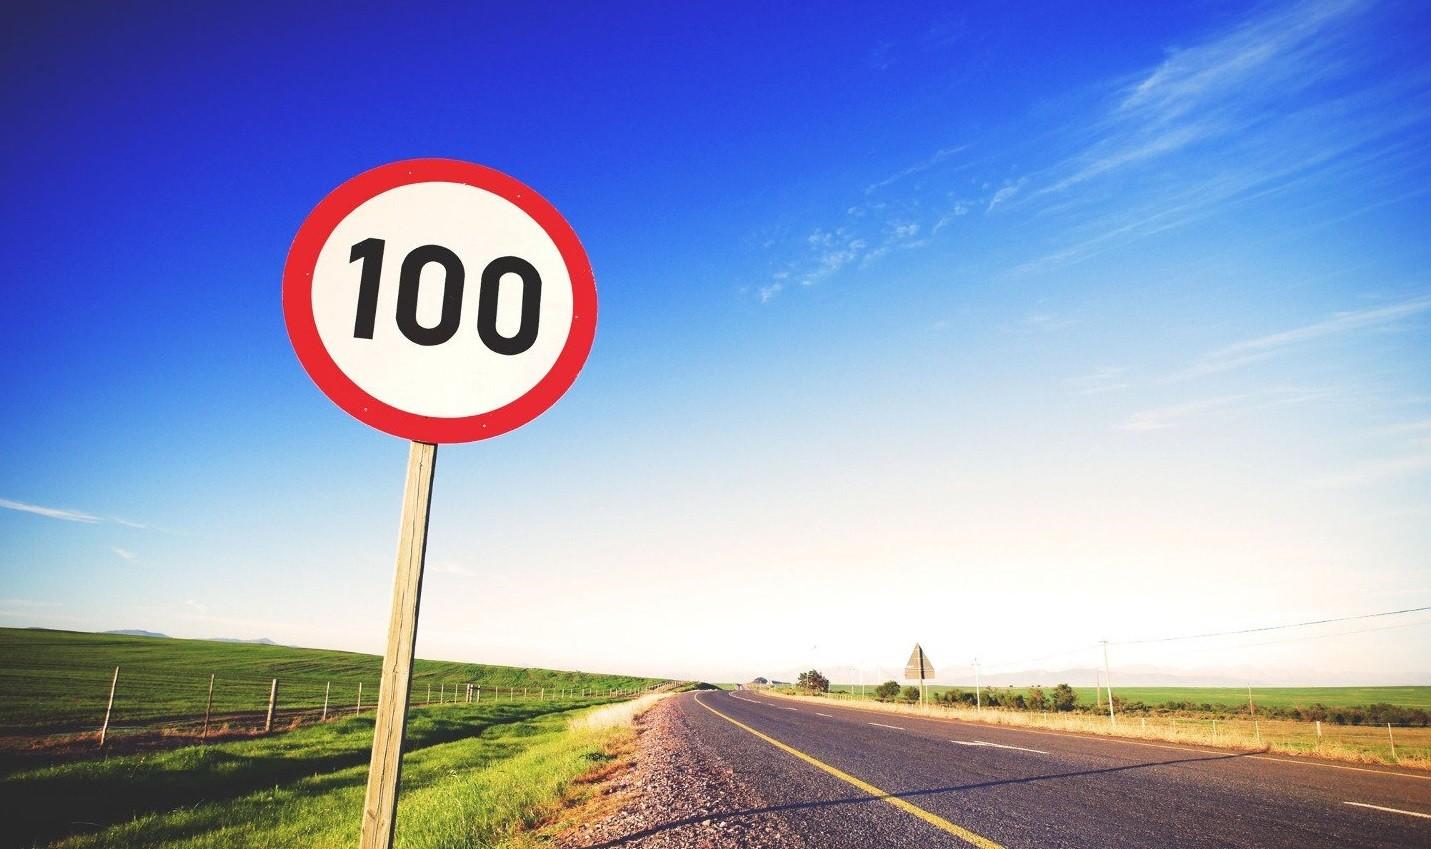 В Минской ГАИ рассказали, когда поднимут максимально разрешённую скорость на МКАДе